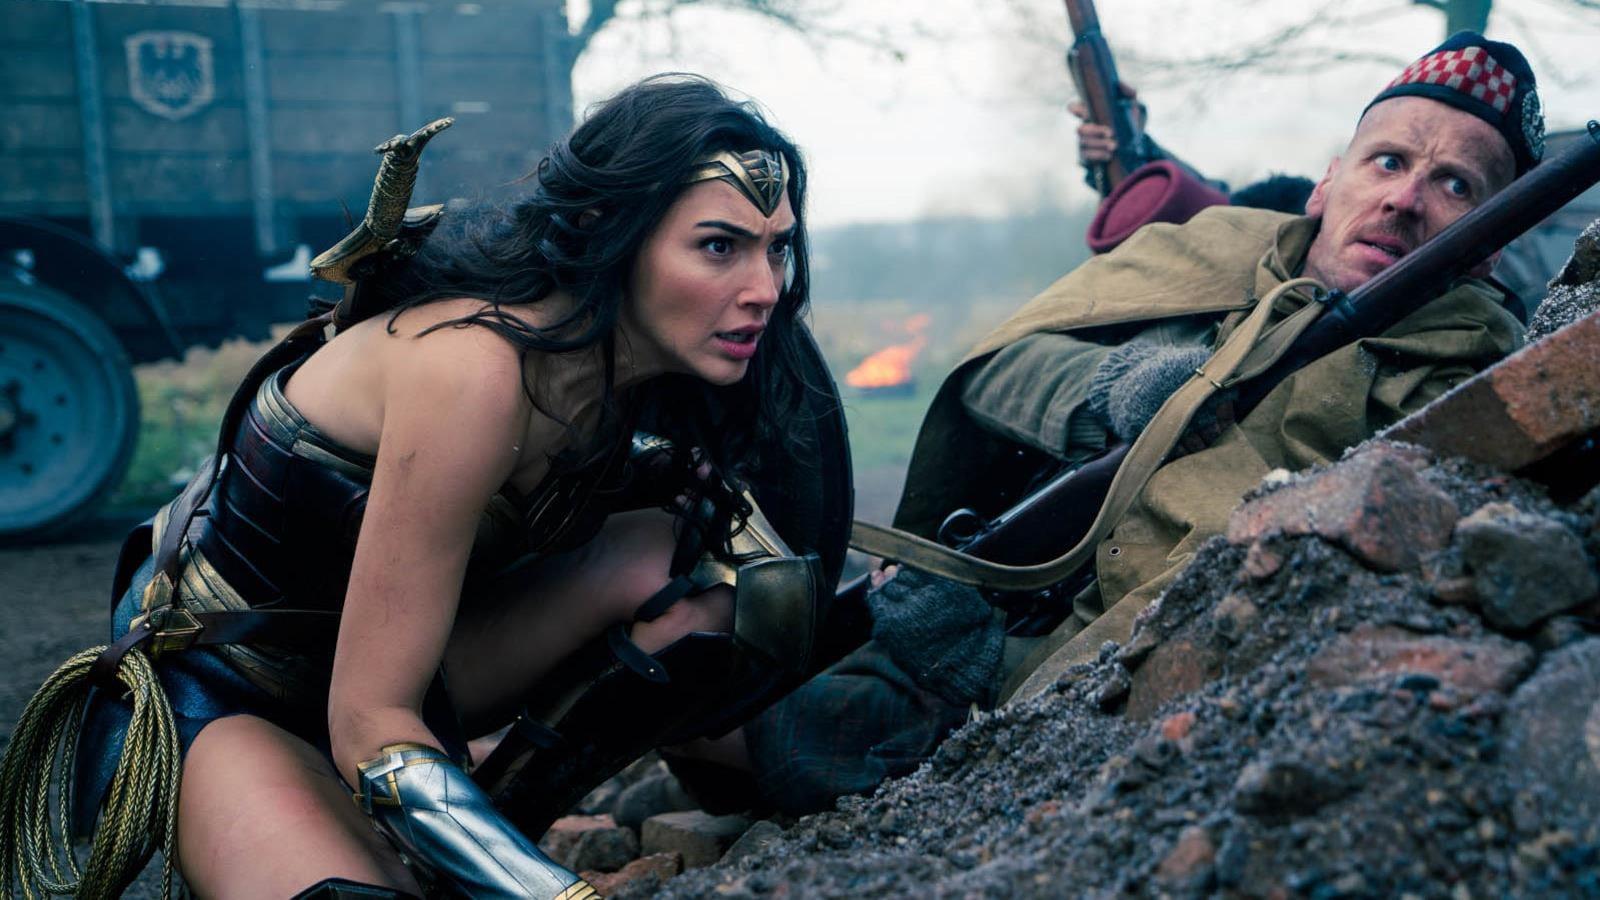 La super-héroïne dans une tranchée